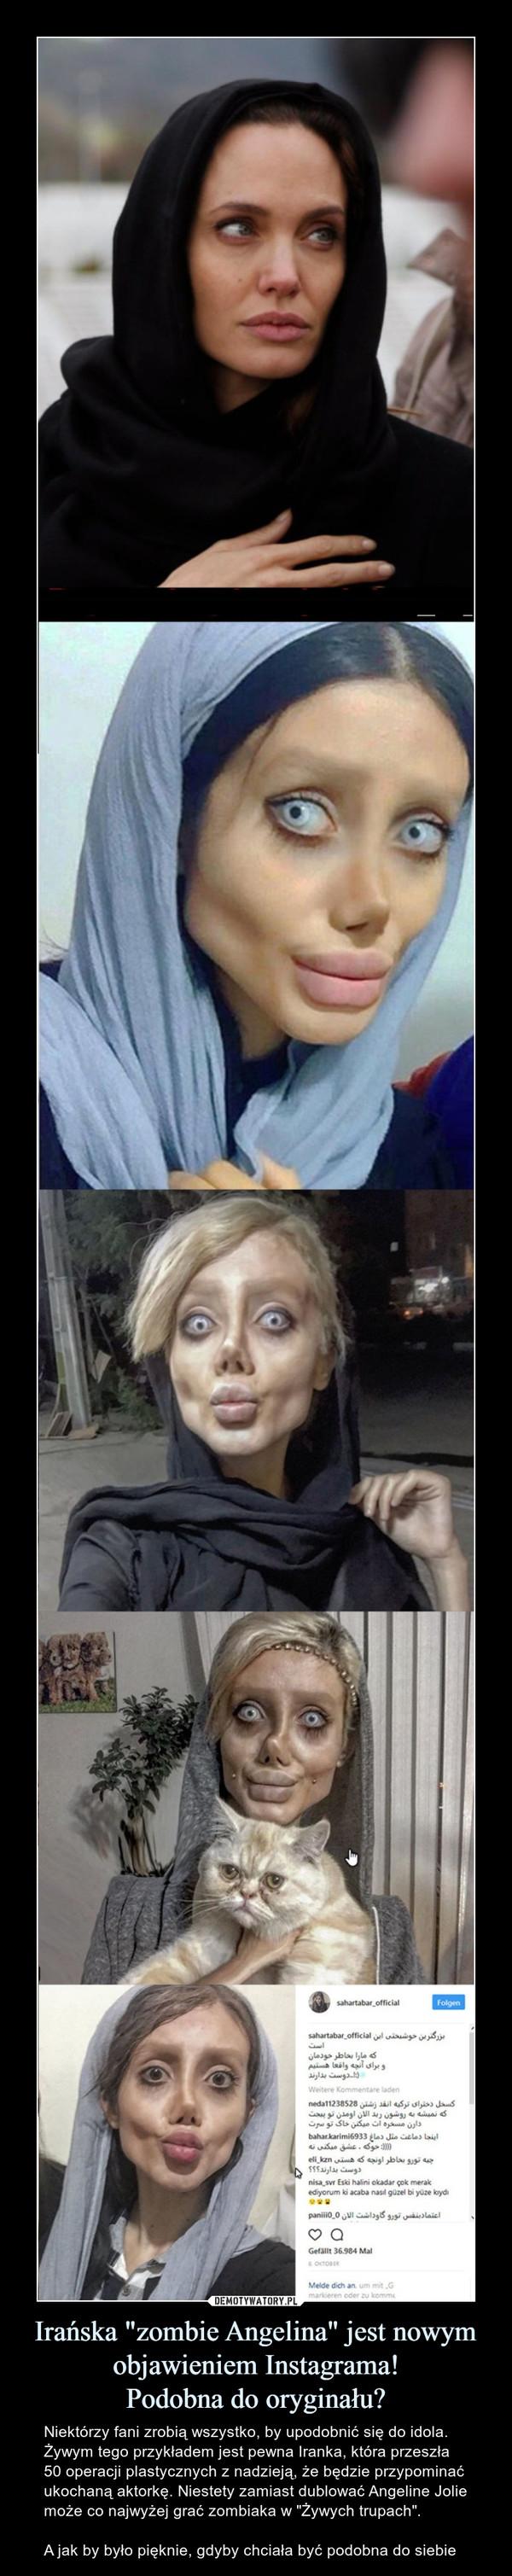 """Irańska """"zombie Angelina"""" jest nowym objawieniem Instagrama!Podobna do oryginału? – Niektórzy fani zrobią wszystko, by upodobnić się do idola. Żywym tego przykładem jest pewna Iranka, która przeszła 50 operacji plastycznych z nadzieją, że będzie przypominać ukochaną aktorkę. Niestety zamiast dublować Angeline Jolie może co najwyżej grać zombiaka w """"Żywych trupach"""".A jak by było pięknie, gdyby chciała być podobna do siebie"""